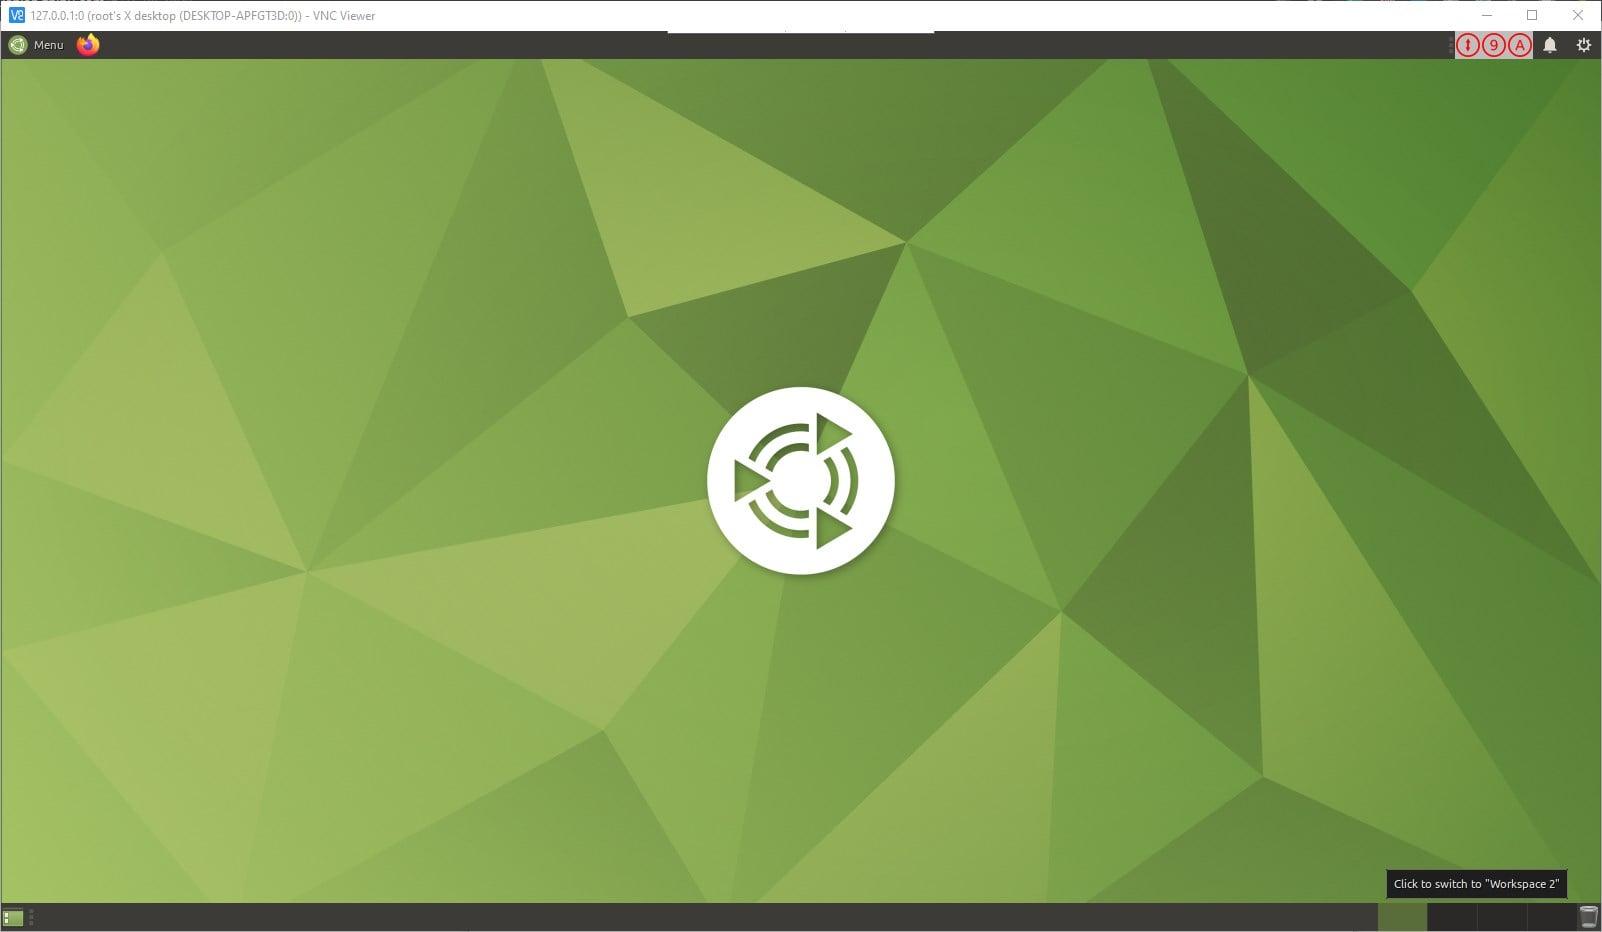 VNC viewer to access WSL 2 desktop